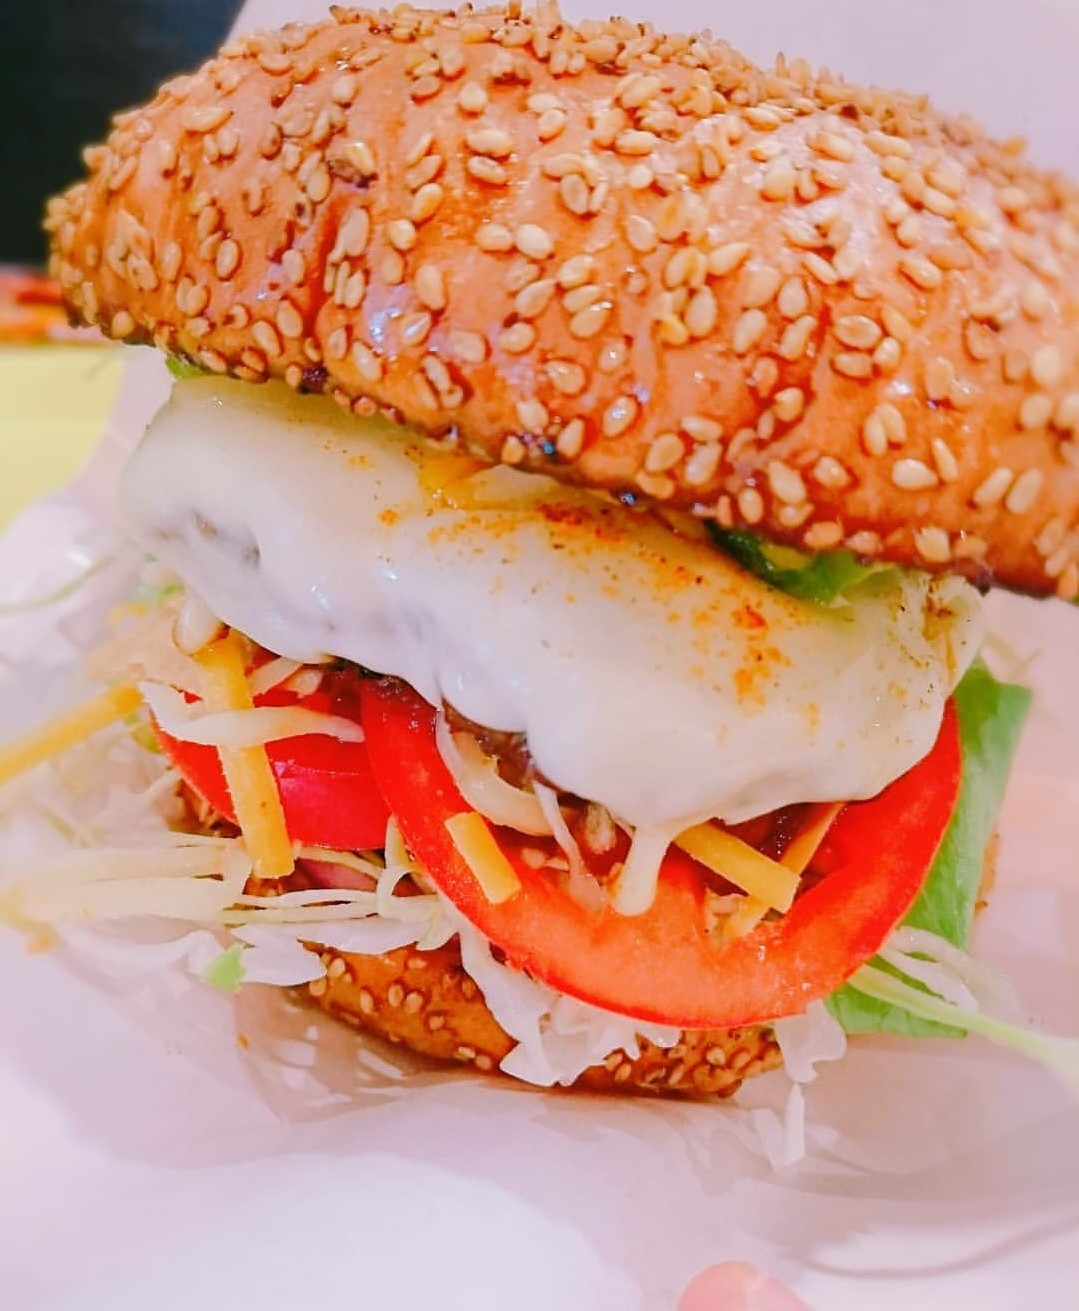 大阪,桜川,難波,ハンバーガー